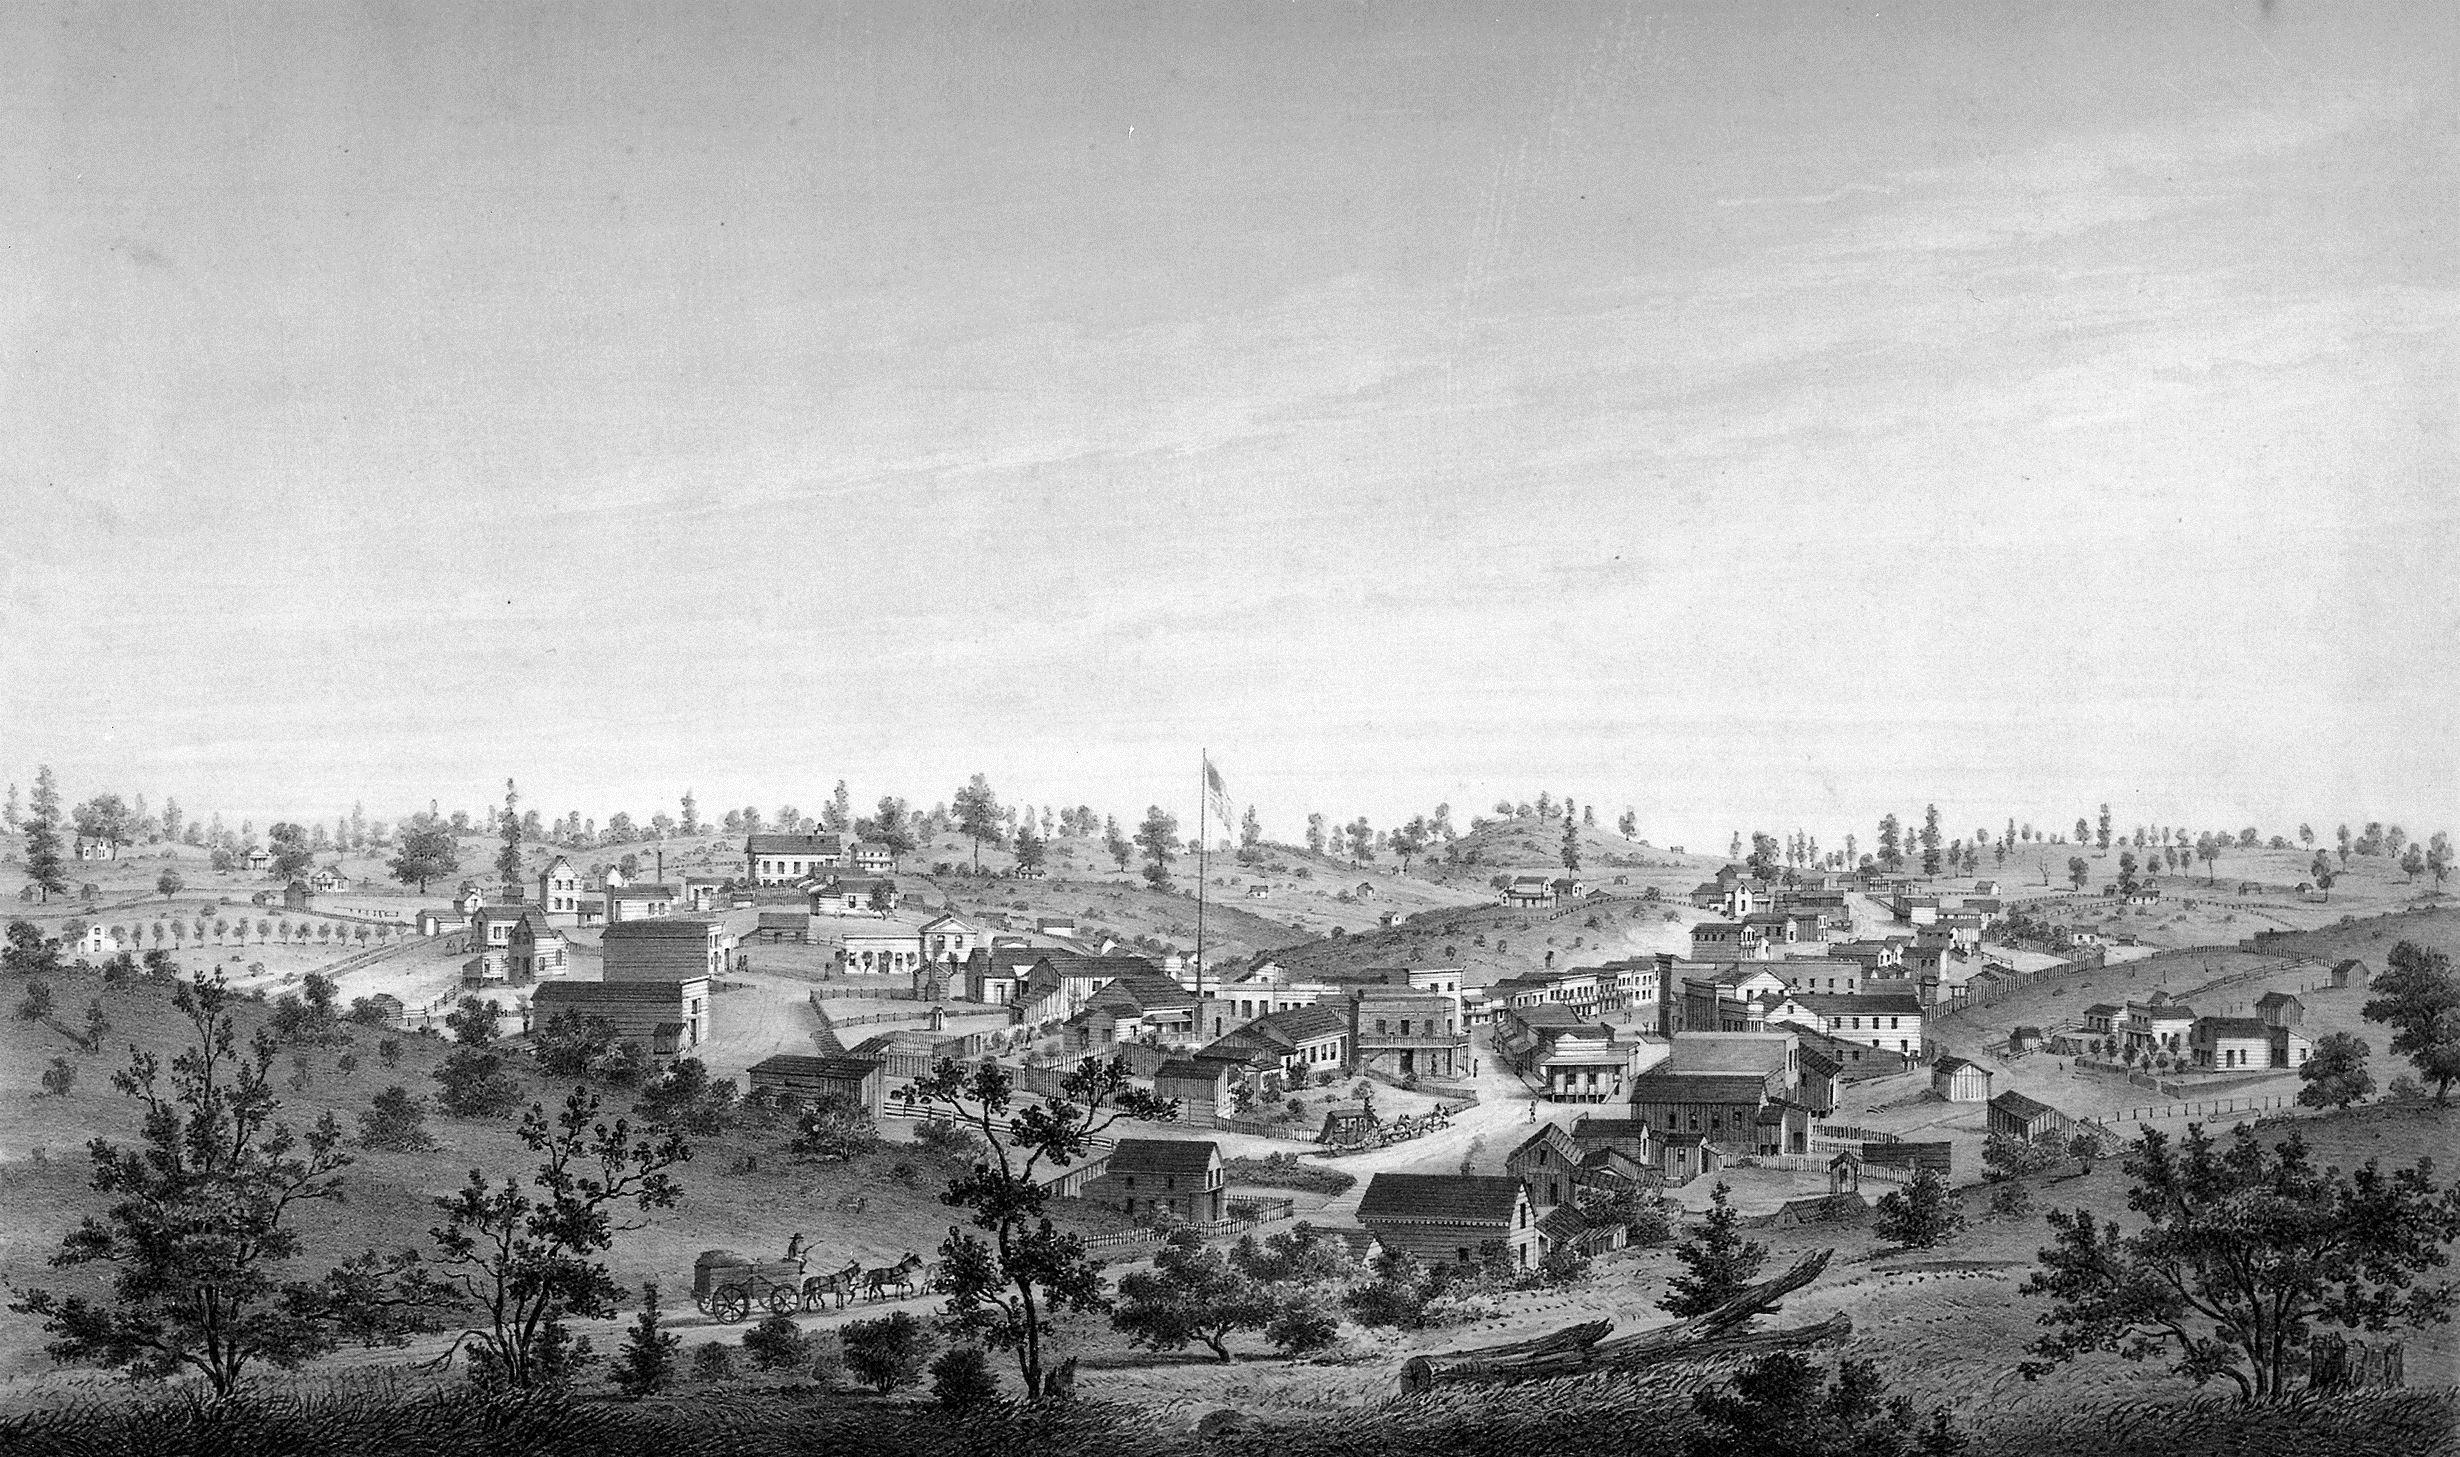 Auburn circa 1857